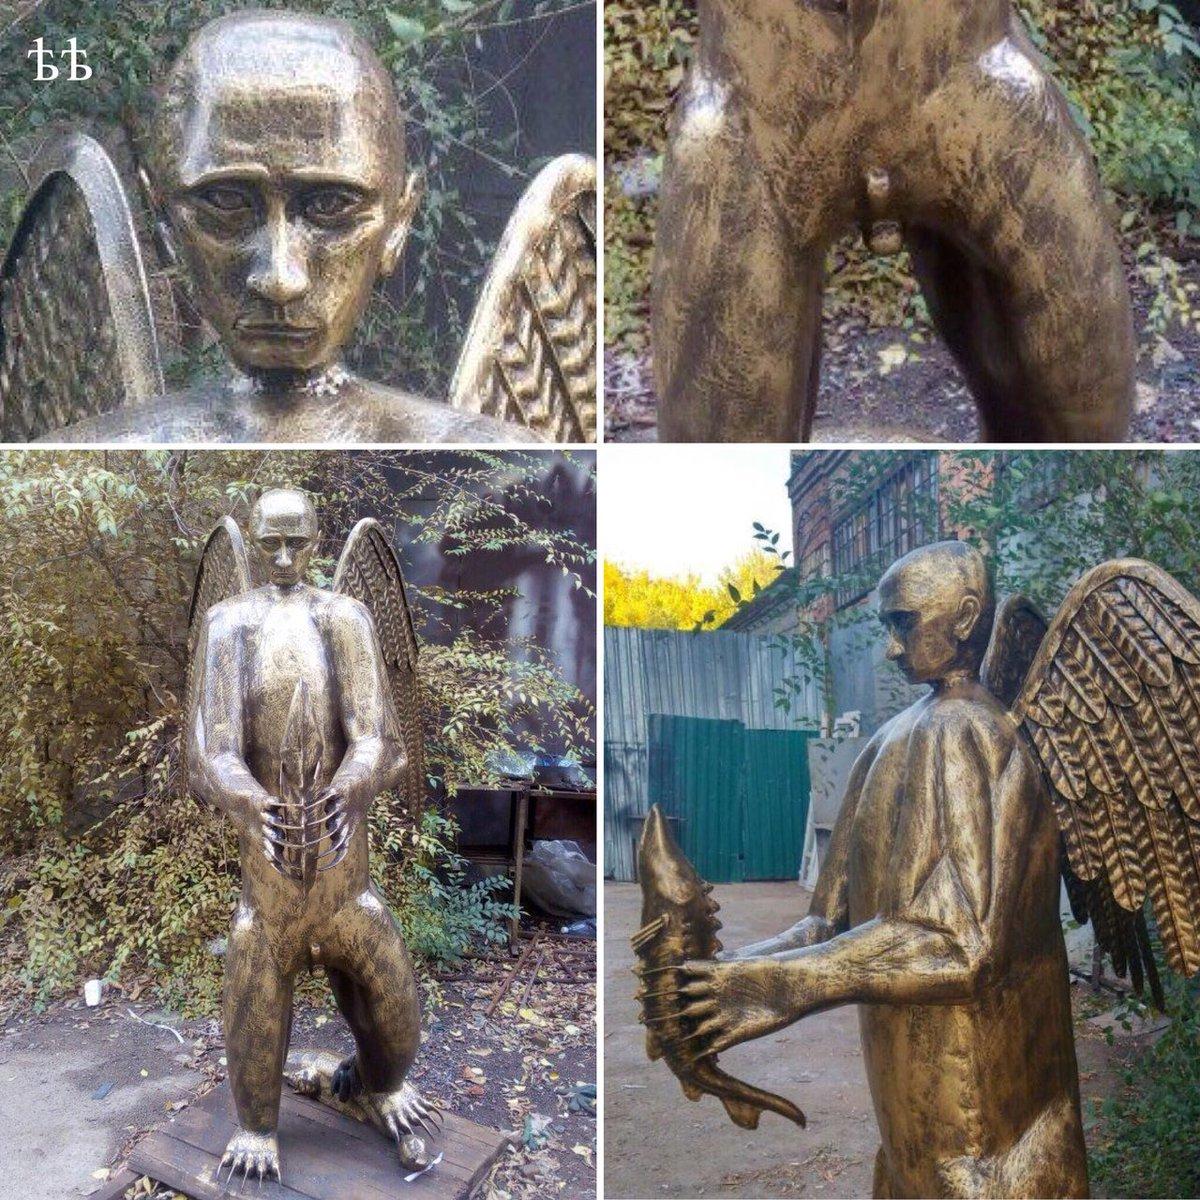 Путін зкрилами та тілом ведмедя з'явився уРосії: фото дивакуватої скульптури